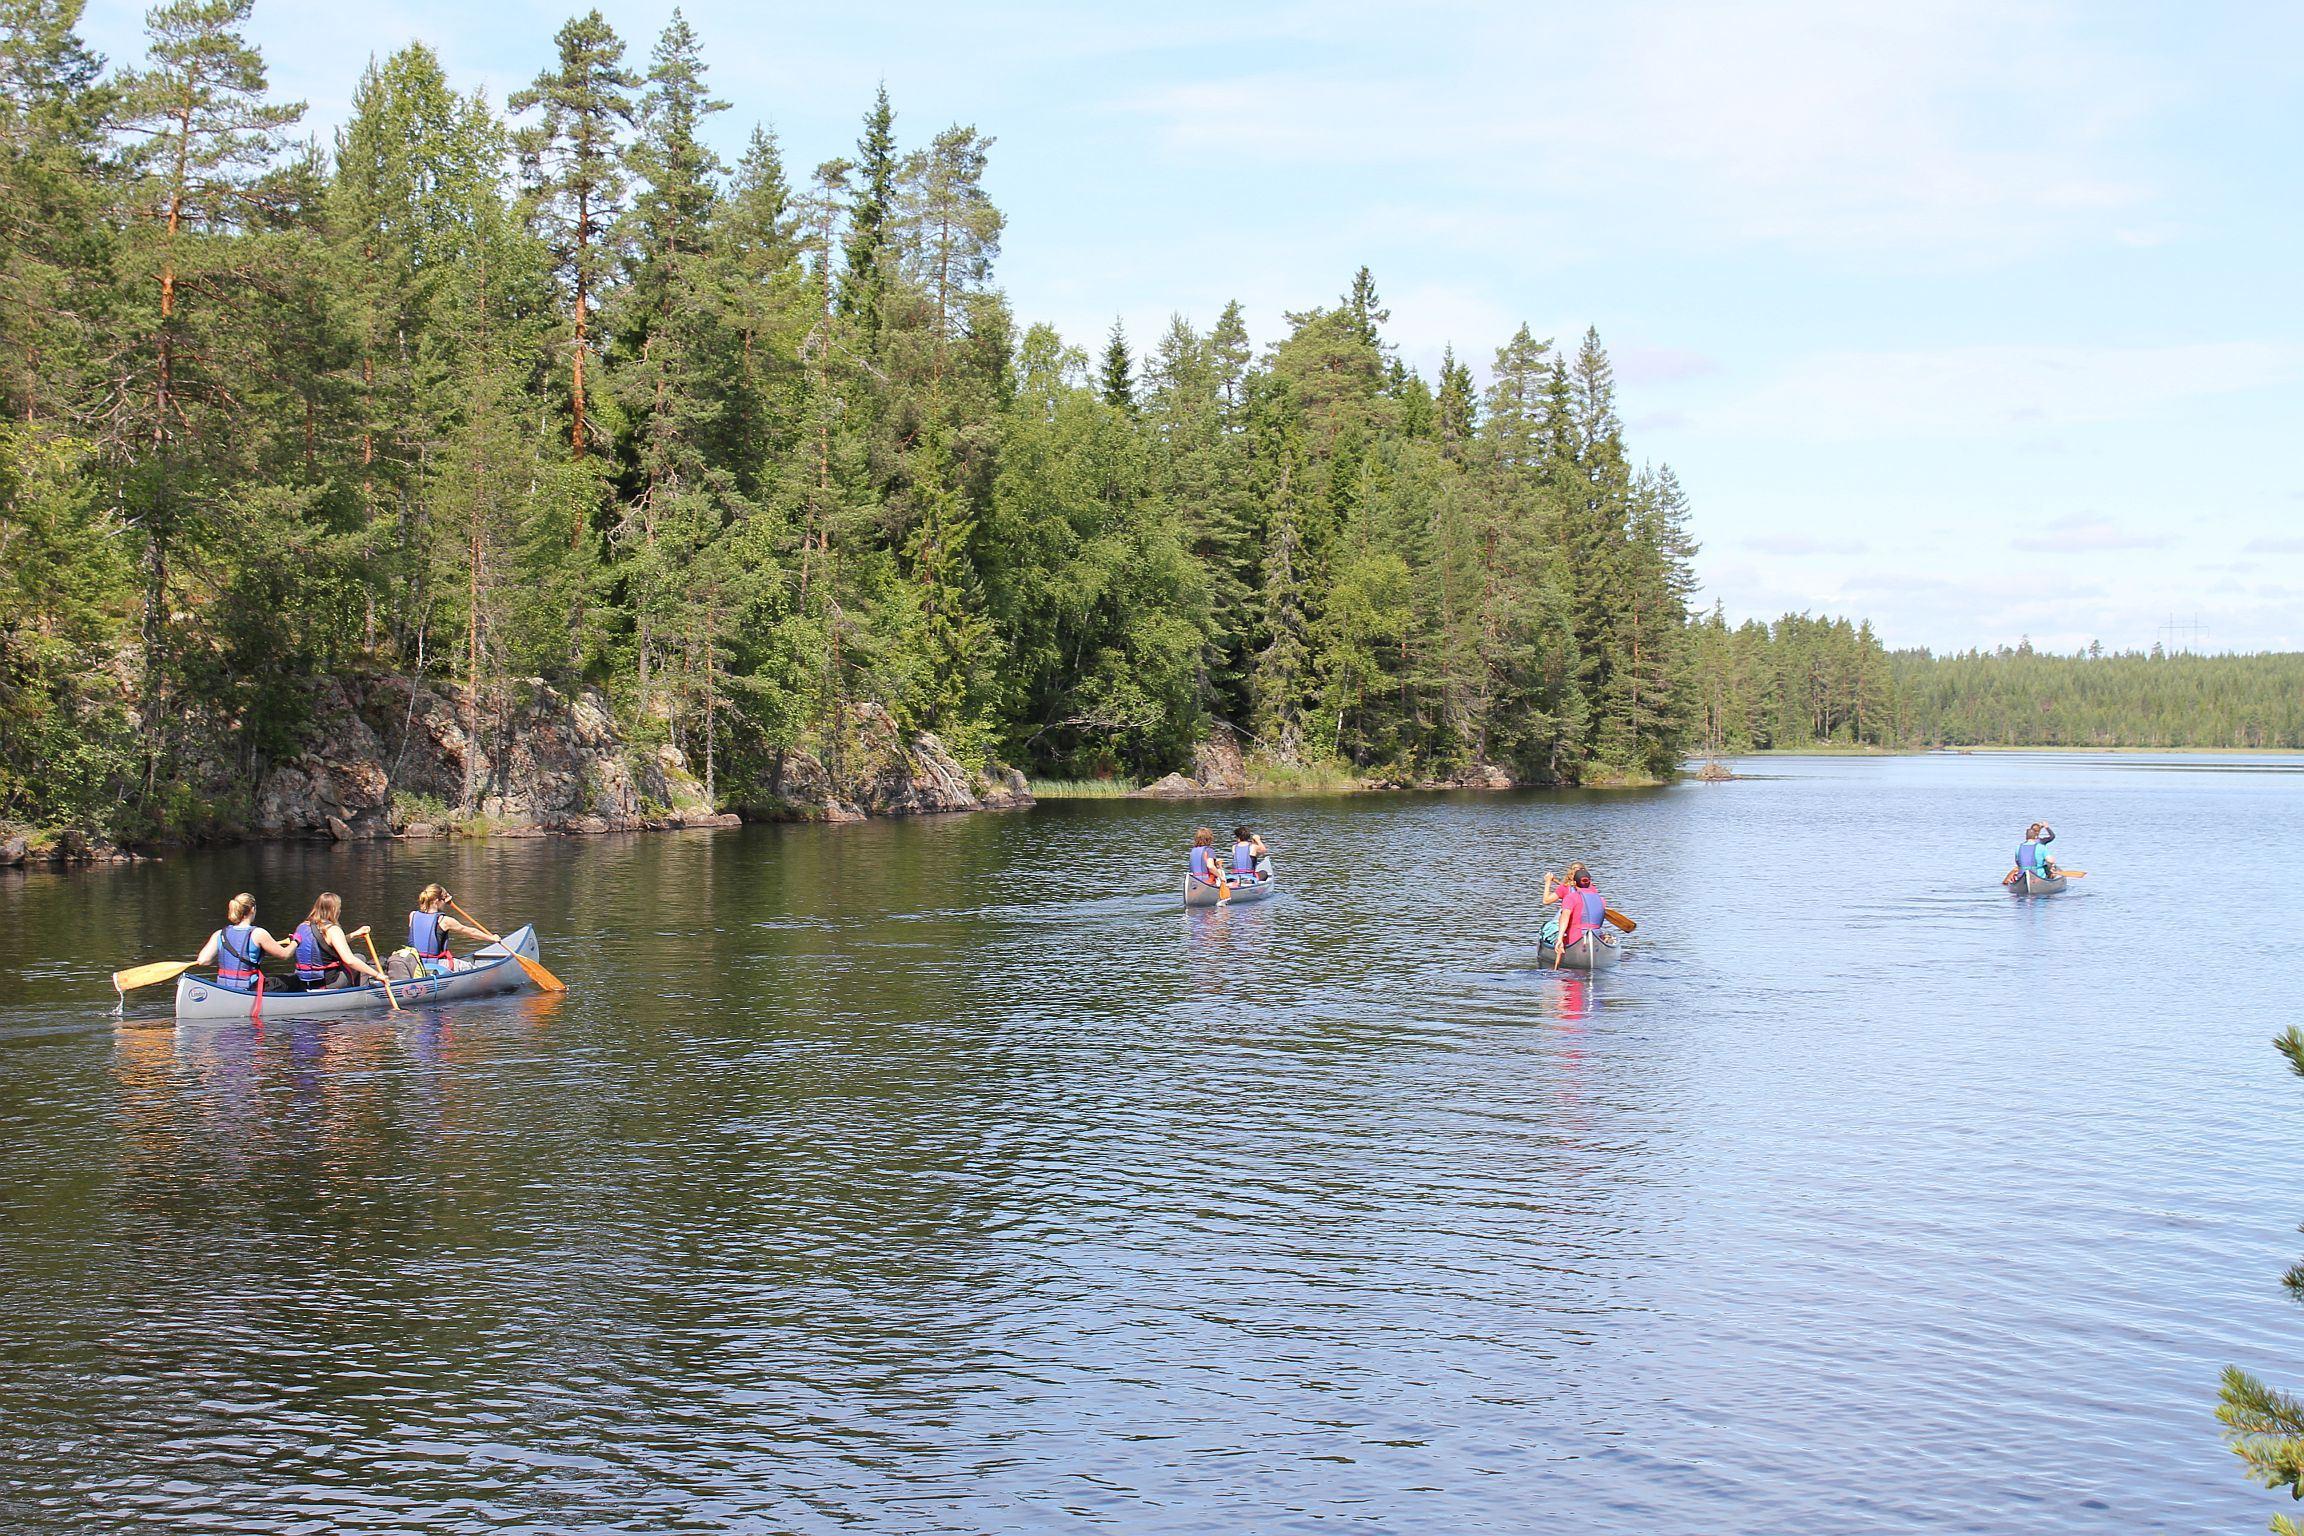 Canadian canoe hire